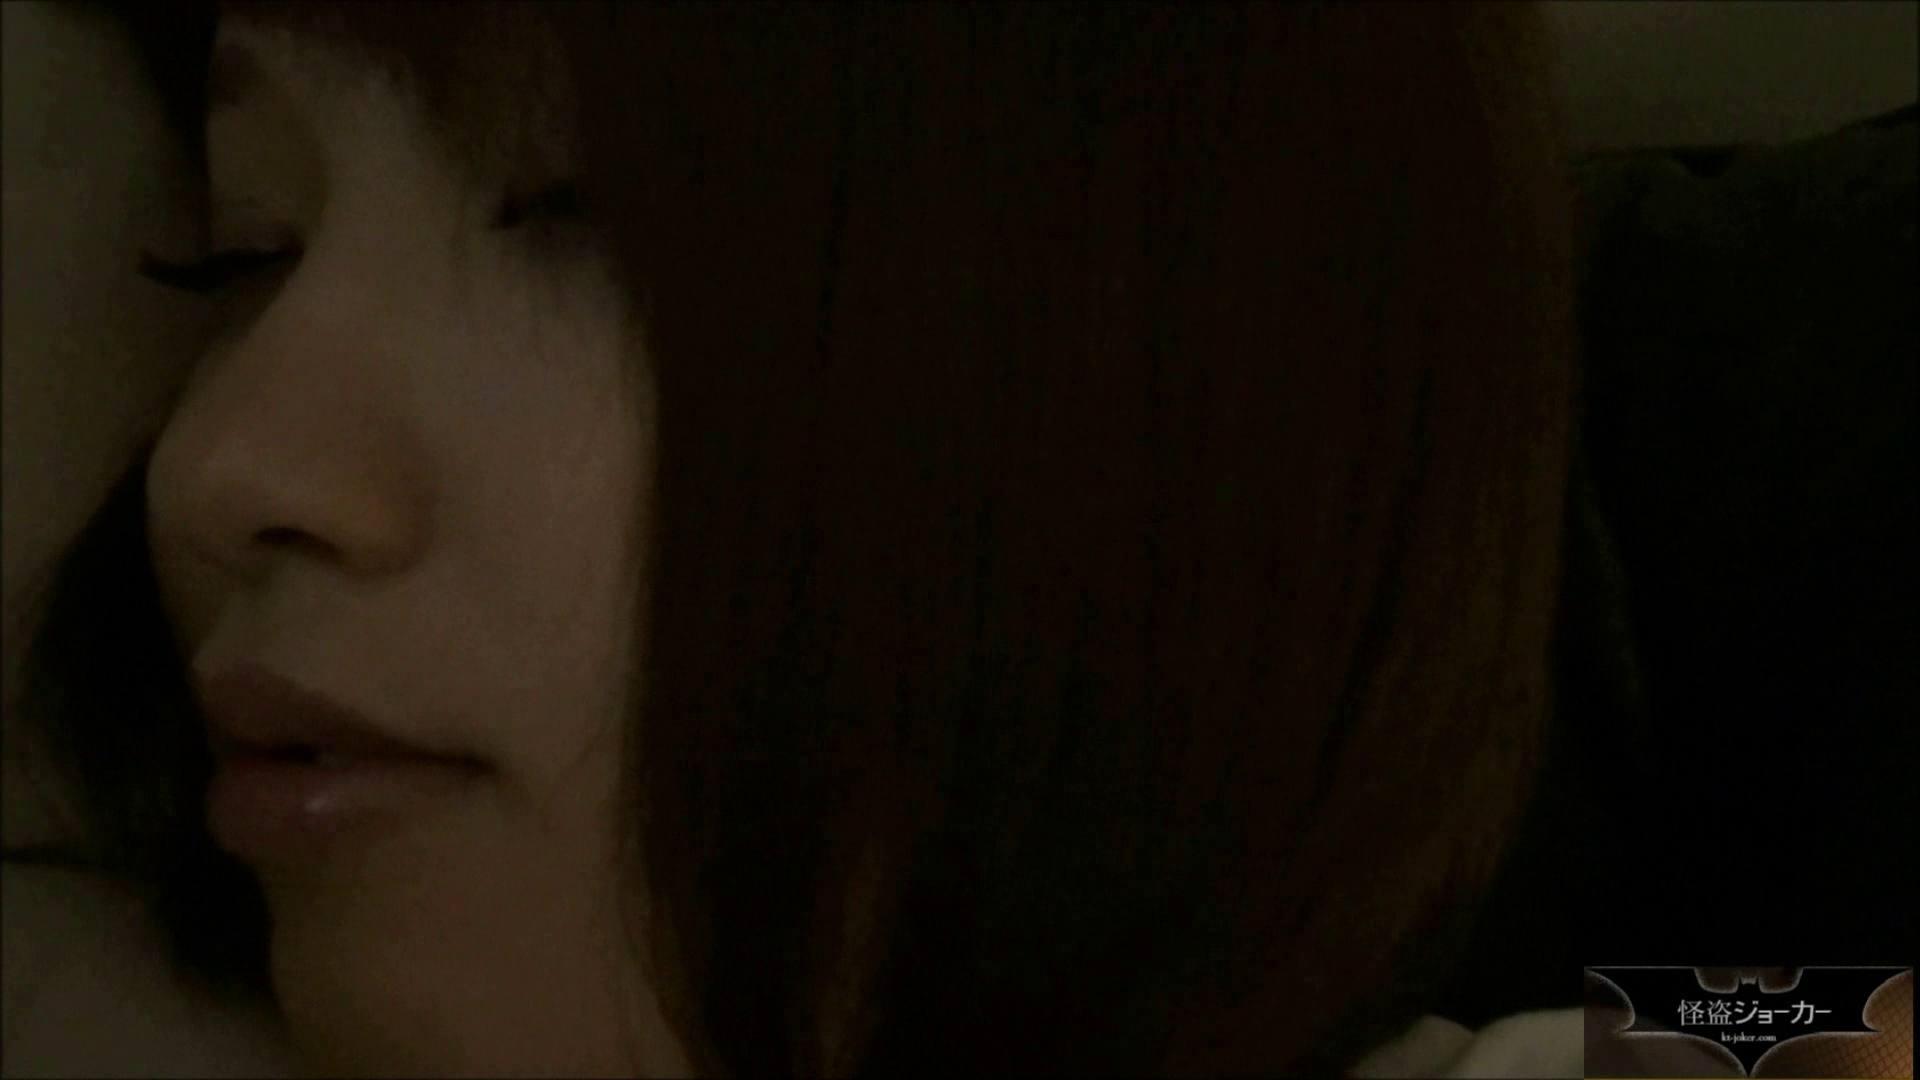 【未公開】vol.51 3人一緒に・・・①{朋葉・小春・葉月} ギャル攻め スケベ動画紹介 91画像 26